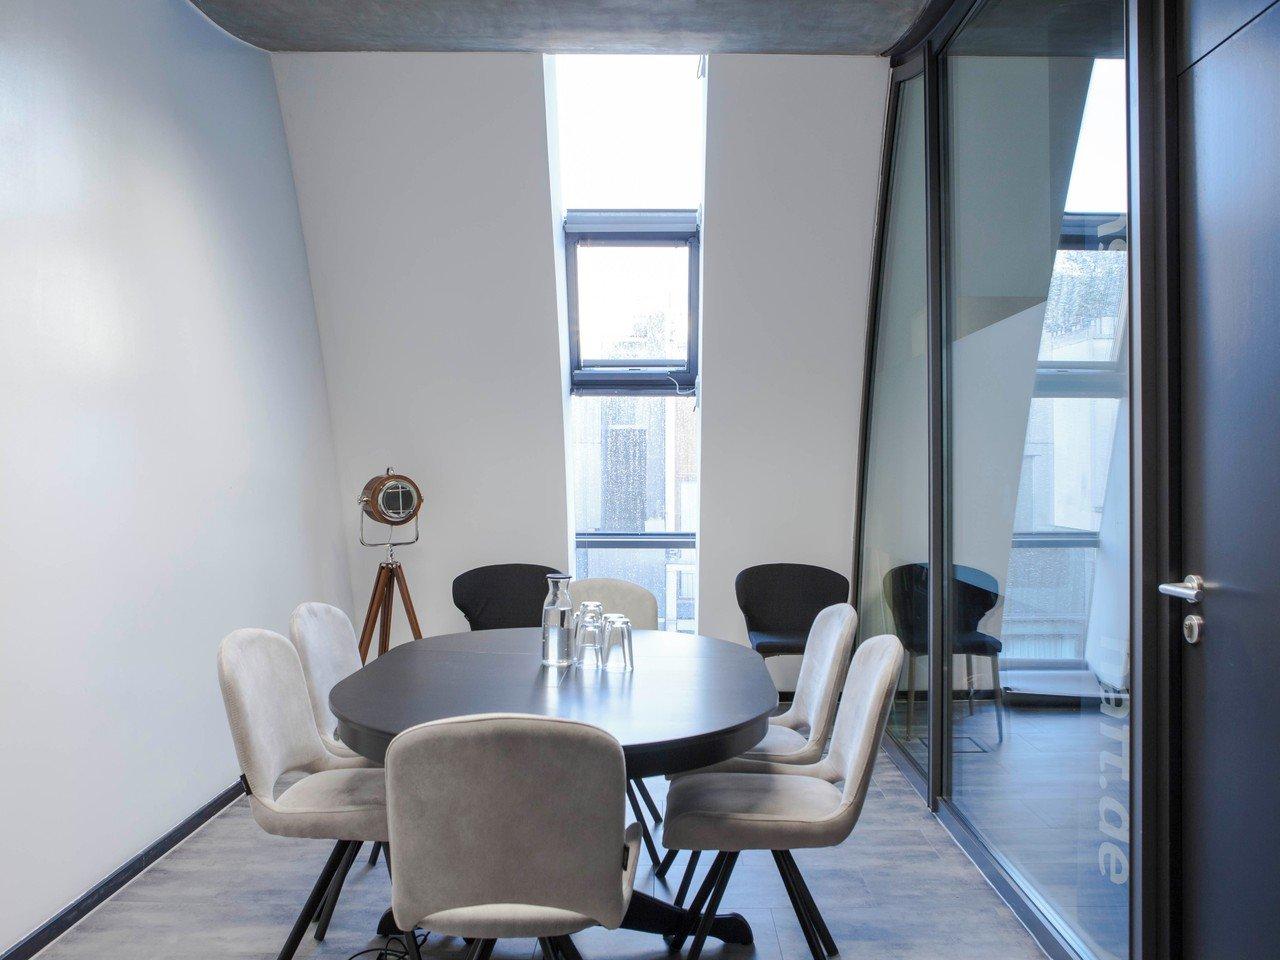 Berlin  Meetingraum rent24 Berlin - Studio 24 image 0